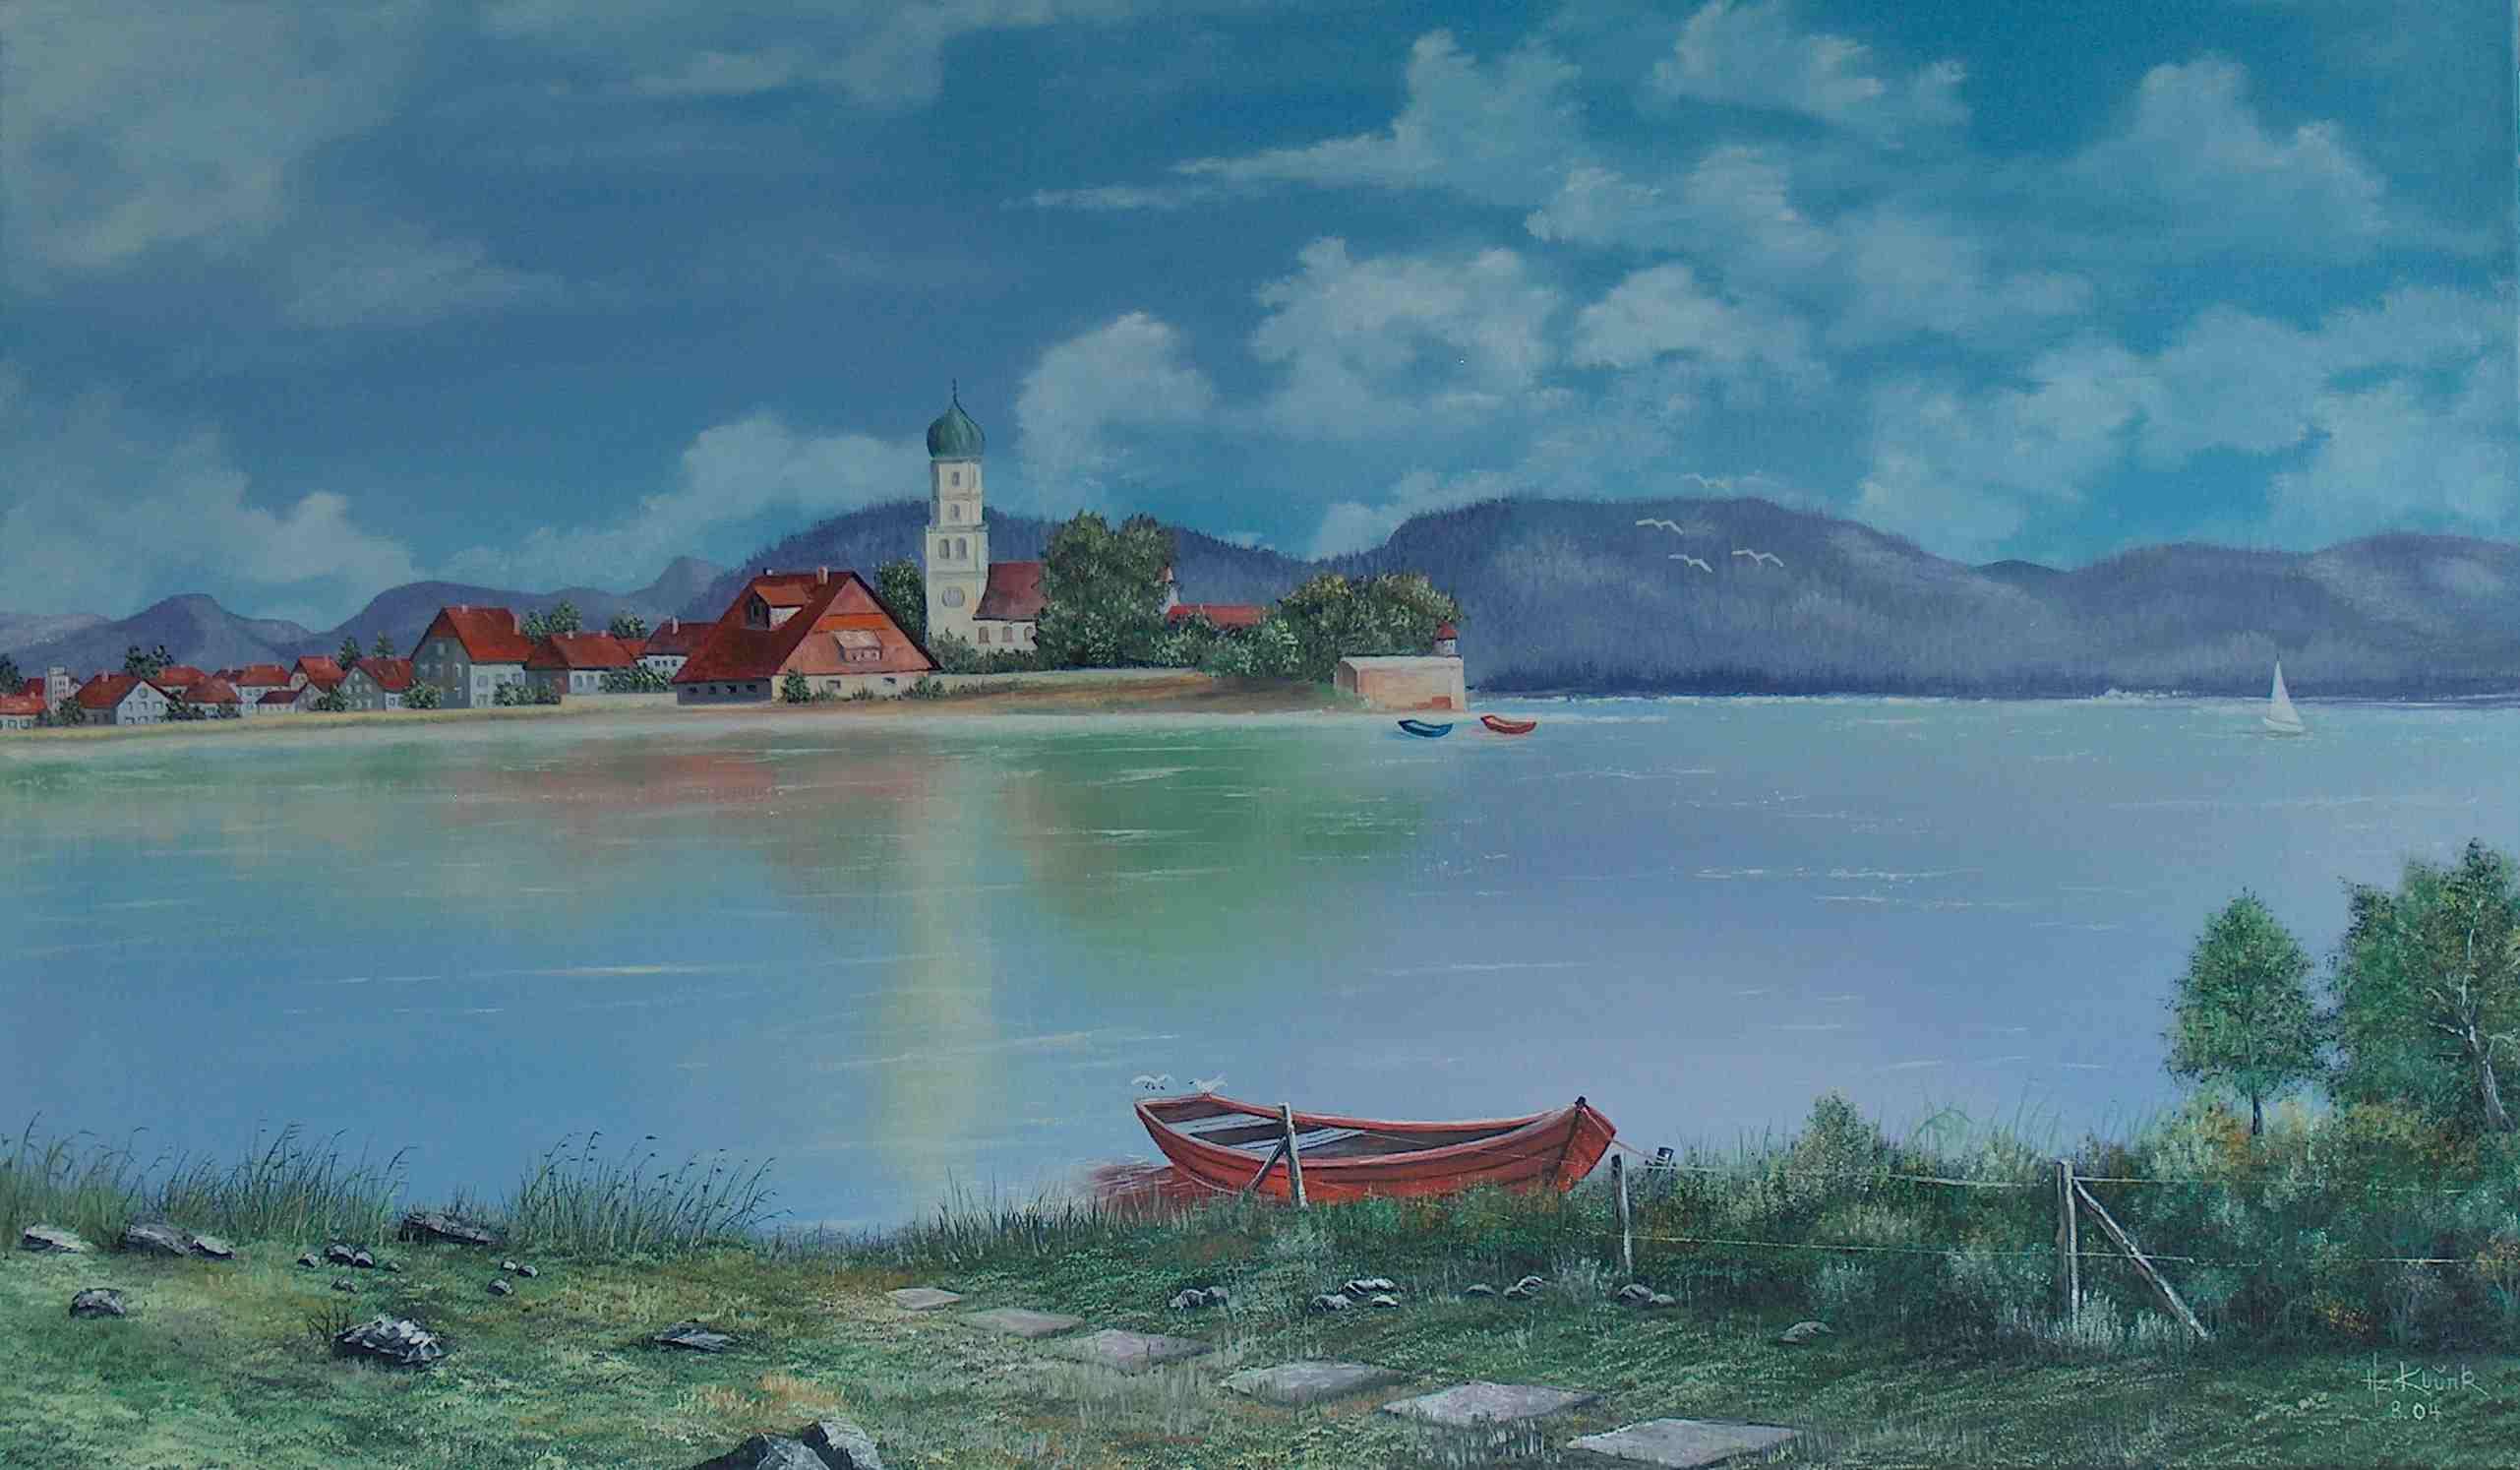 Bild: Bodensee, Landschaft, Malerei, Ölmalerei von Heinz